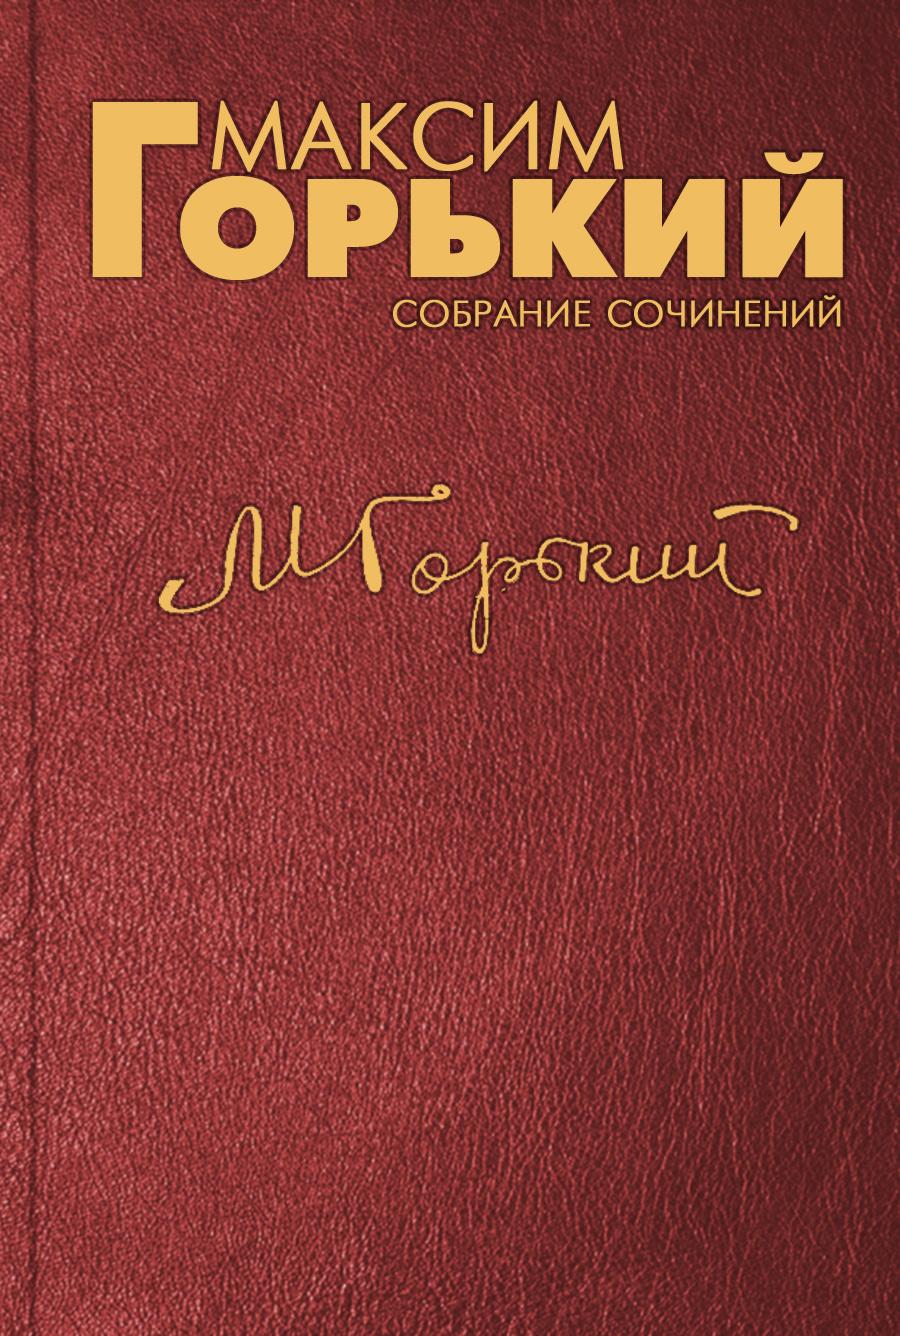 Максим Горький Предисловие к книге Дм. Семеновского «Земля в цветах»